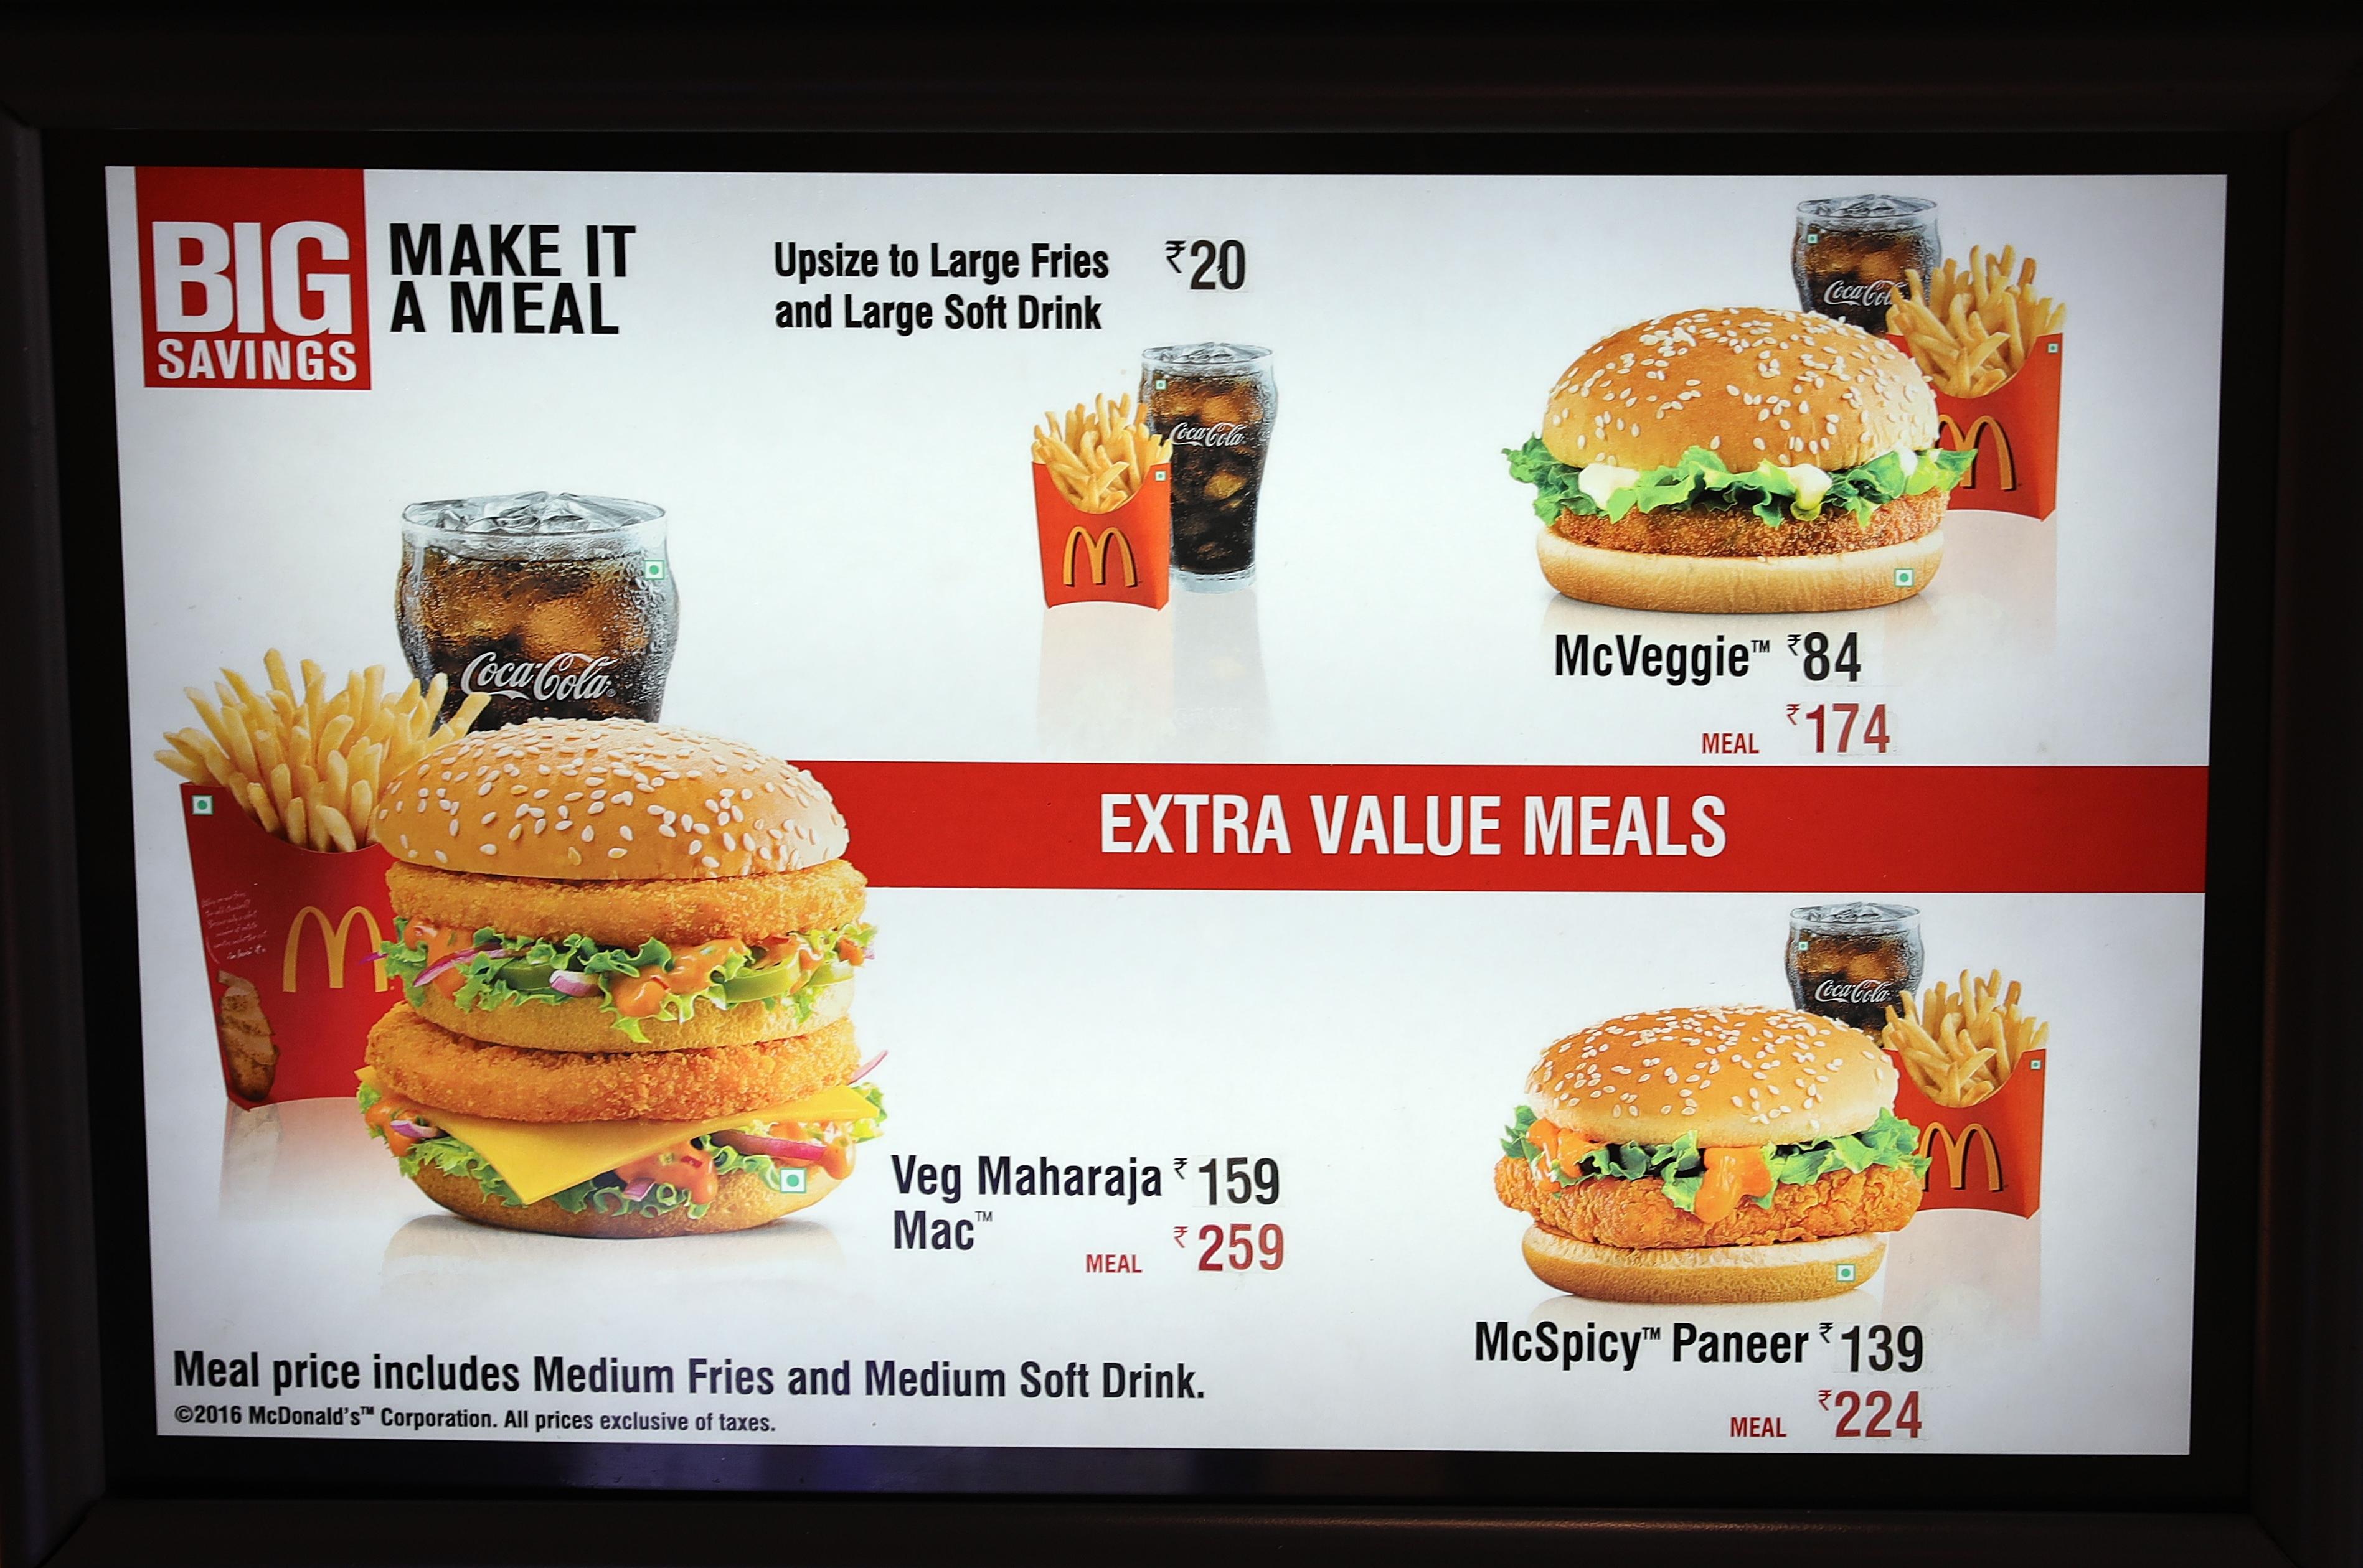 Punjab McDonald's menu